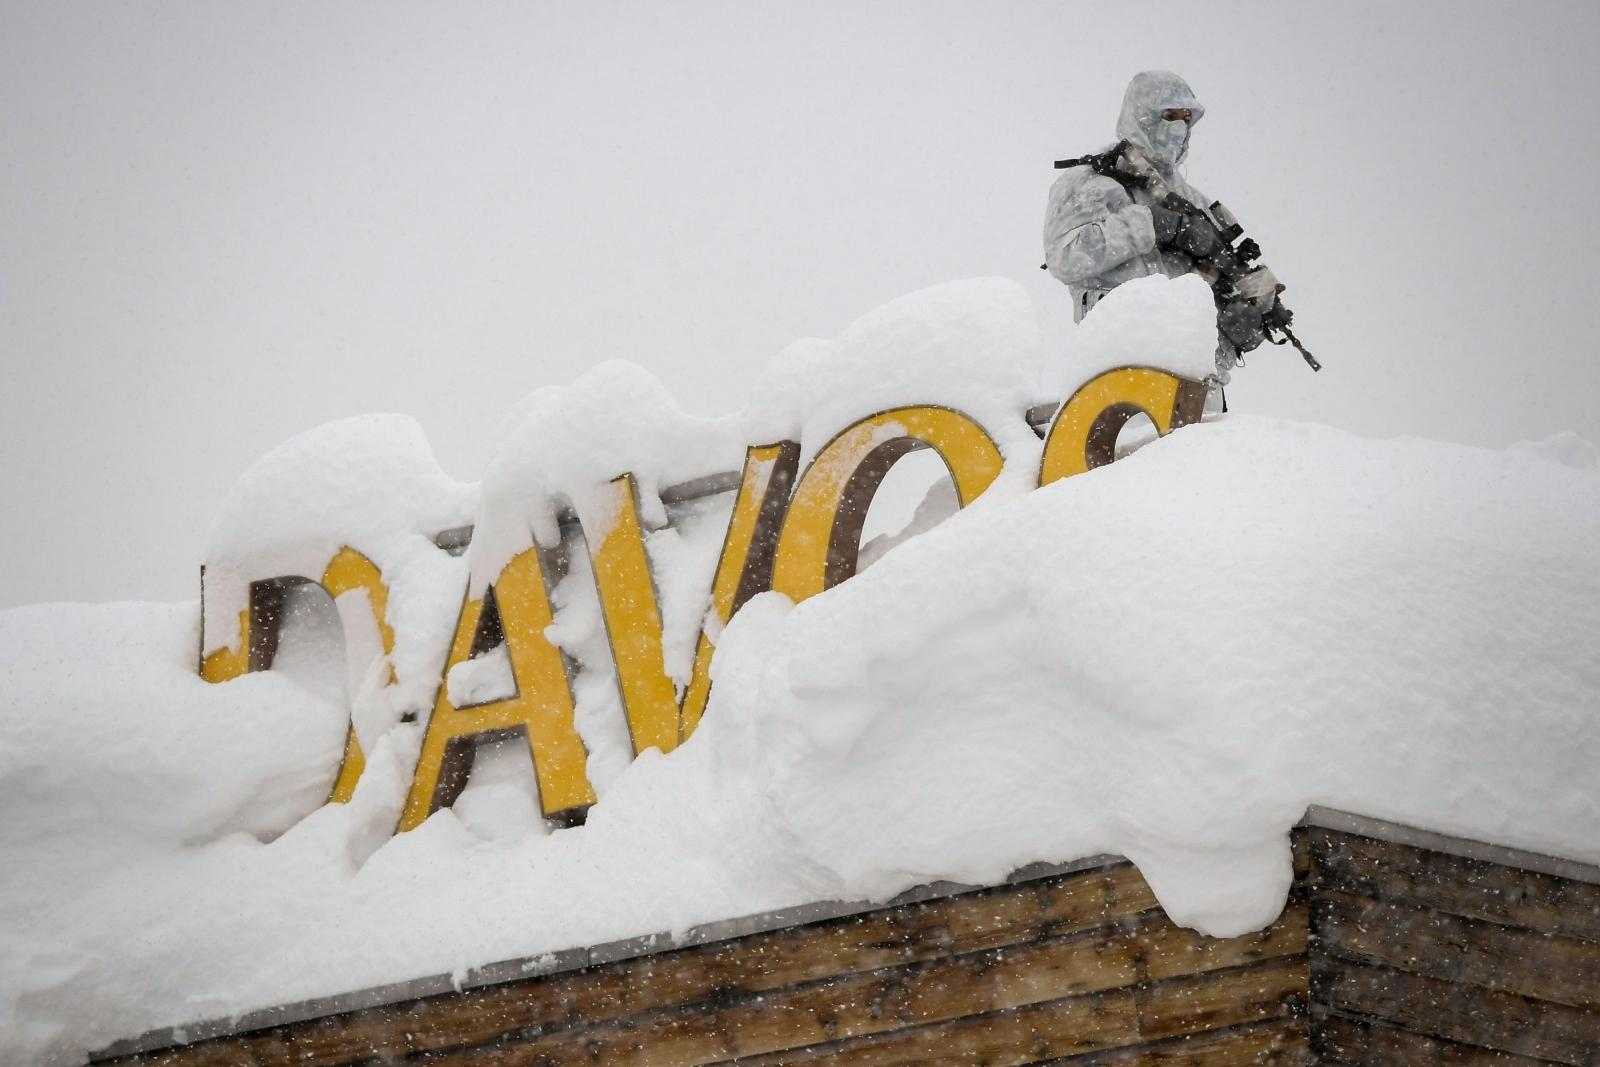 Sniper at the Davos summit